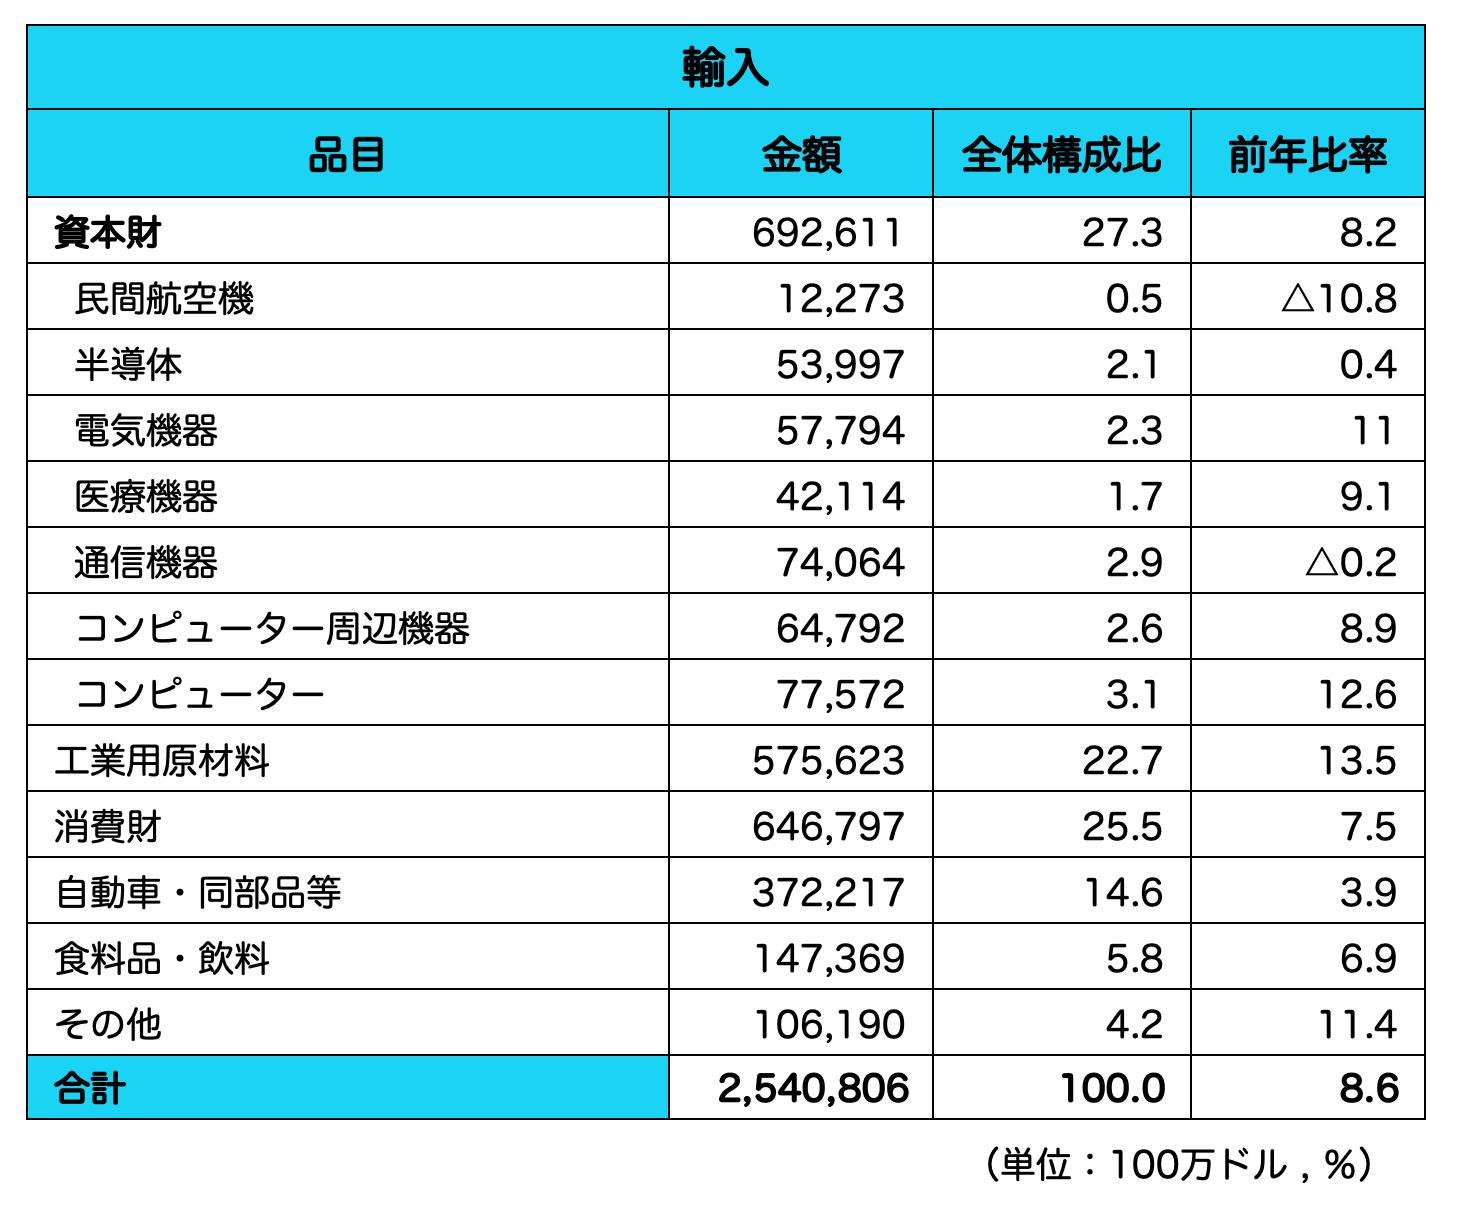 アメリカ_輸入品目